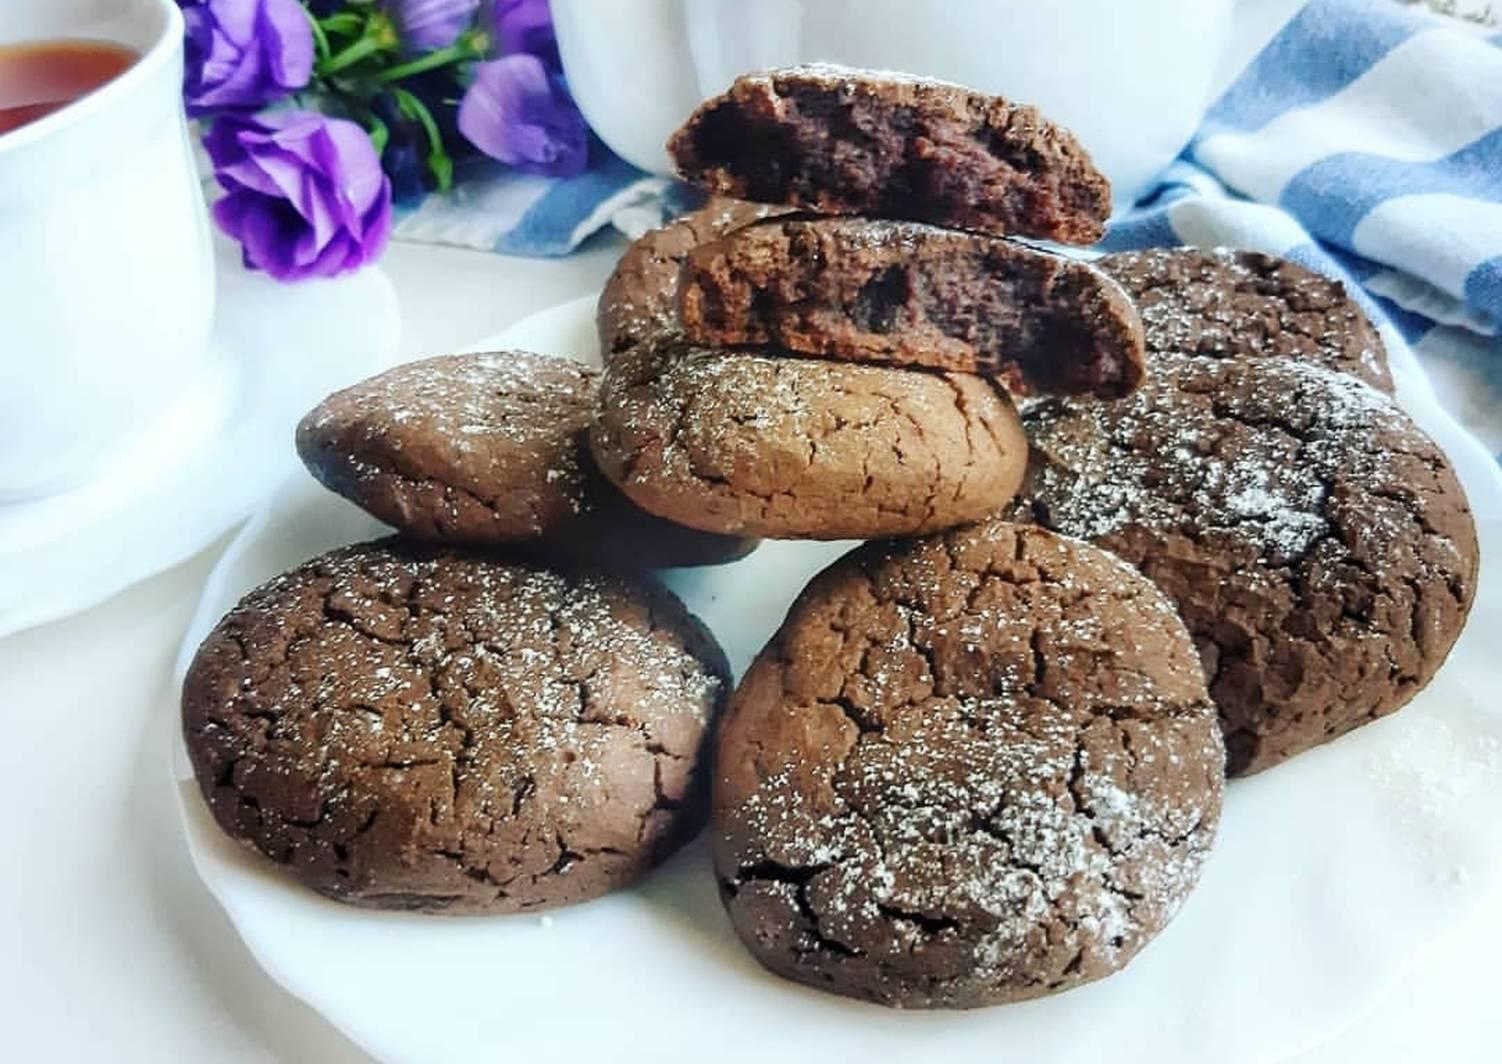 фотографии, супер шоколадное печенье рецепт с фото находится